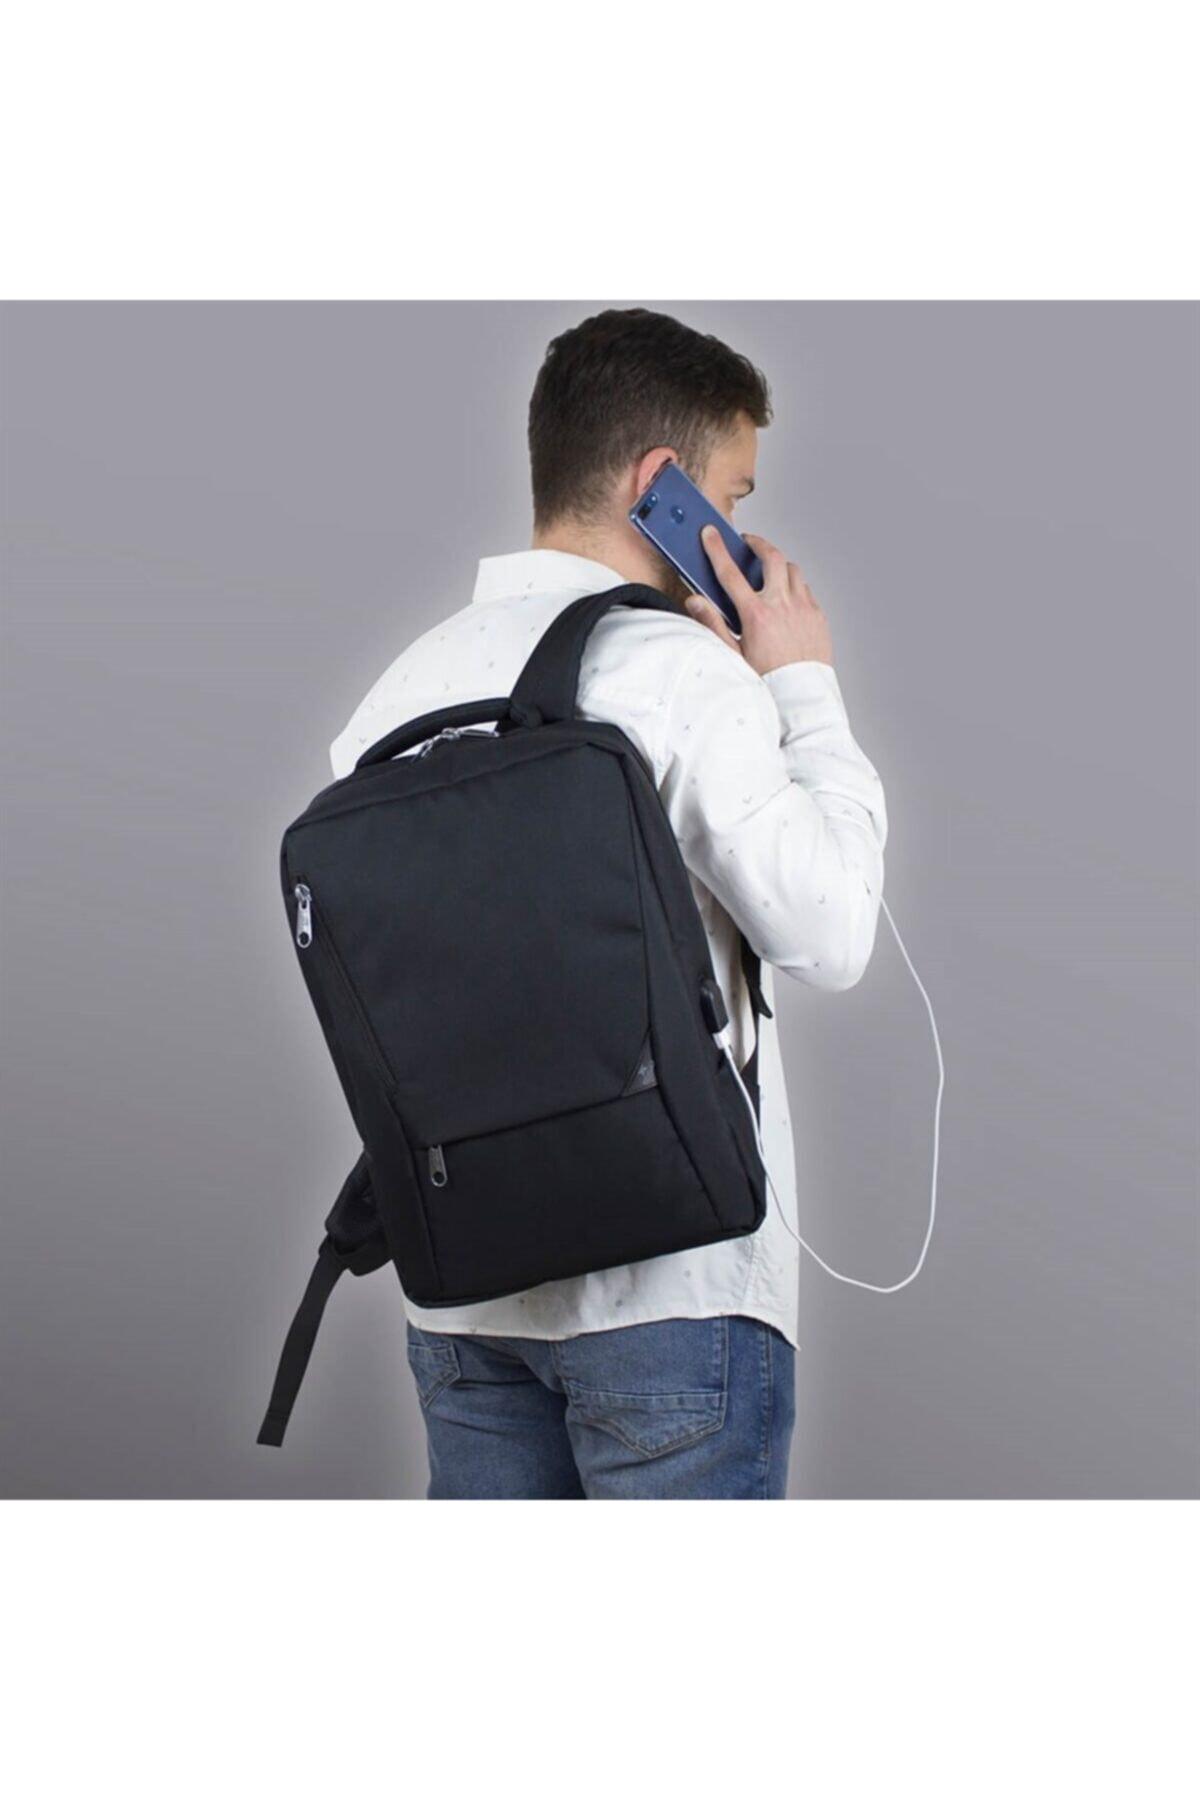 Smart Bag Active Usb Şarj Girişli Slim Notebook Sırt Çantası Siyah